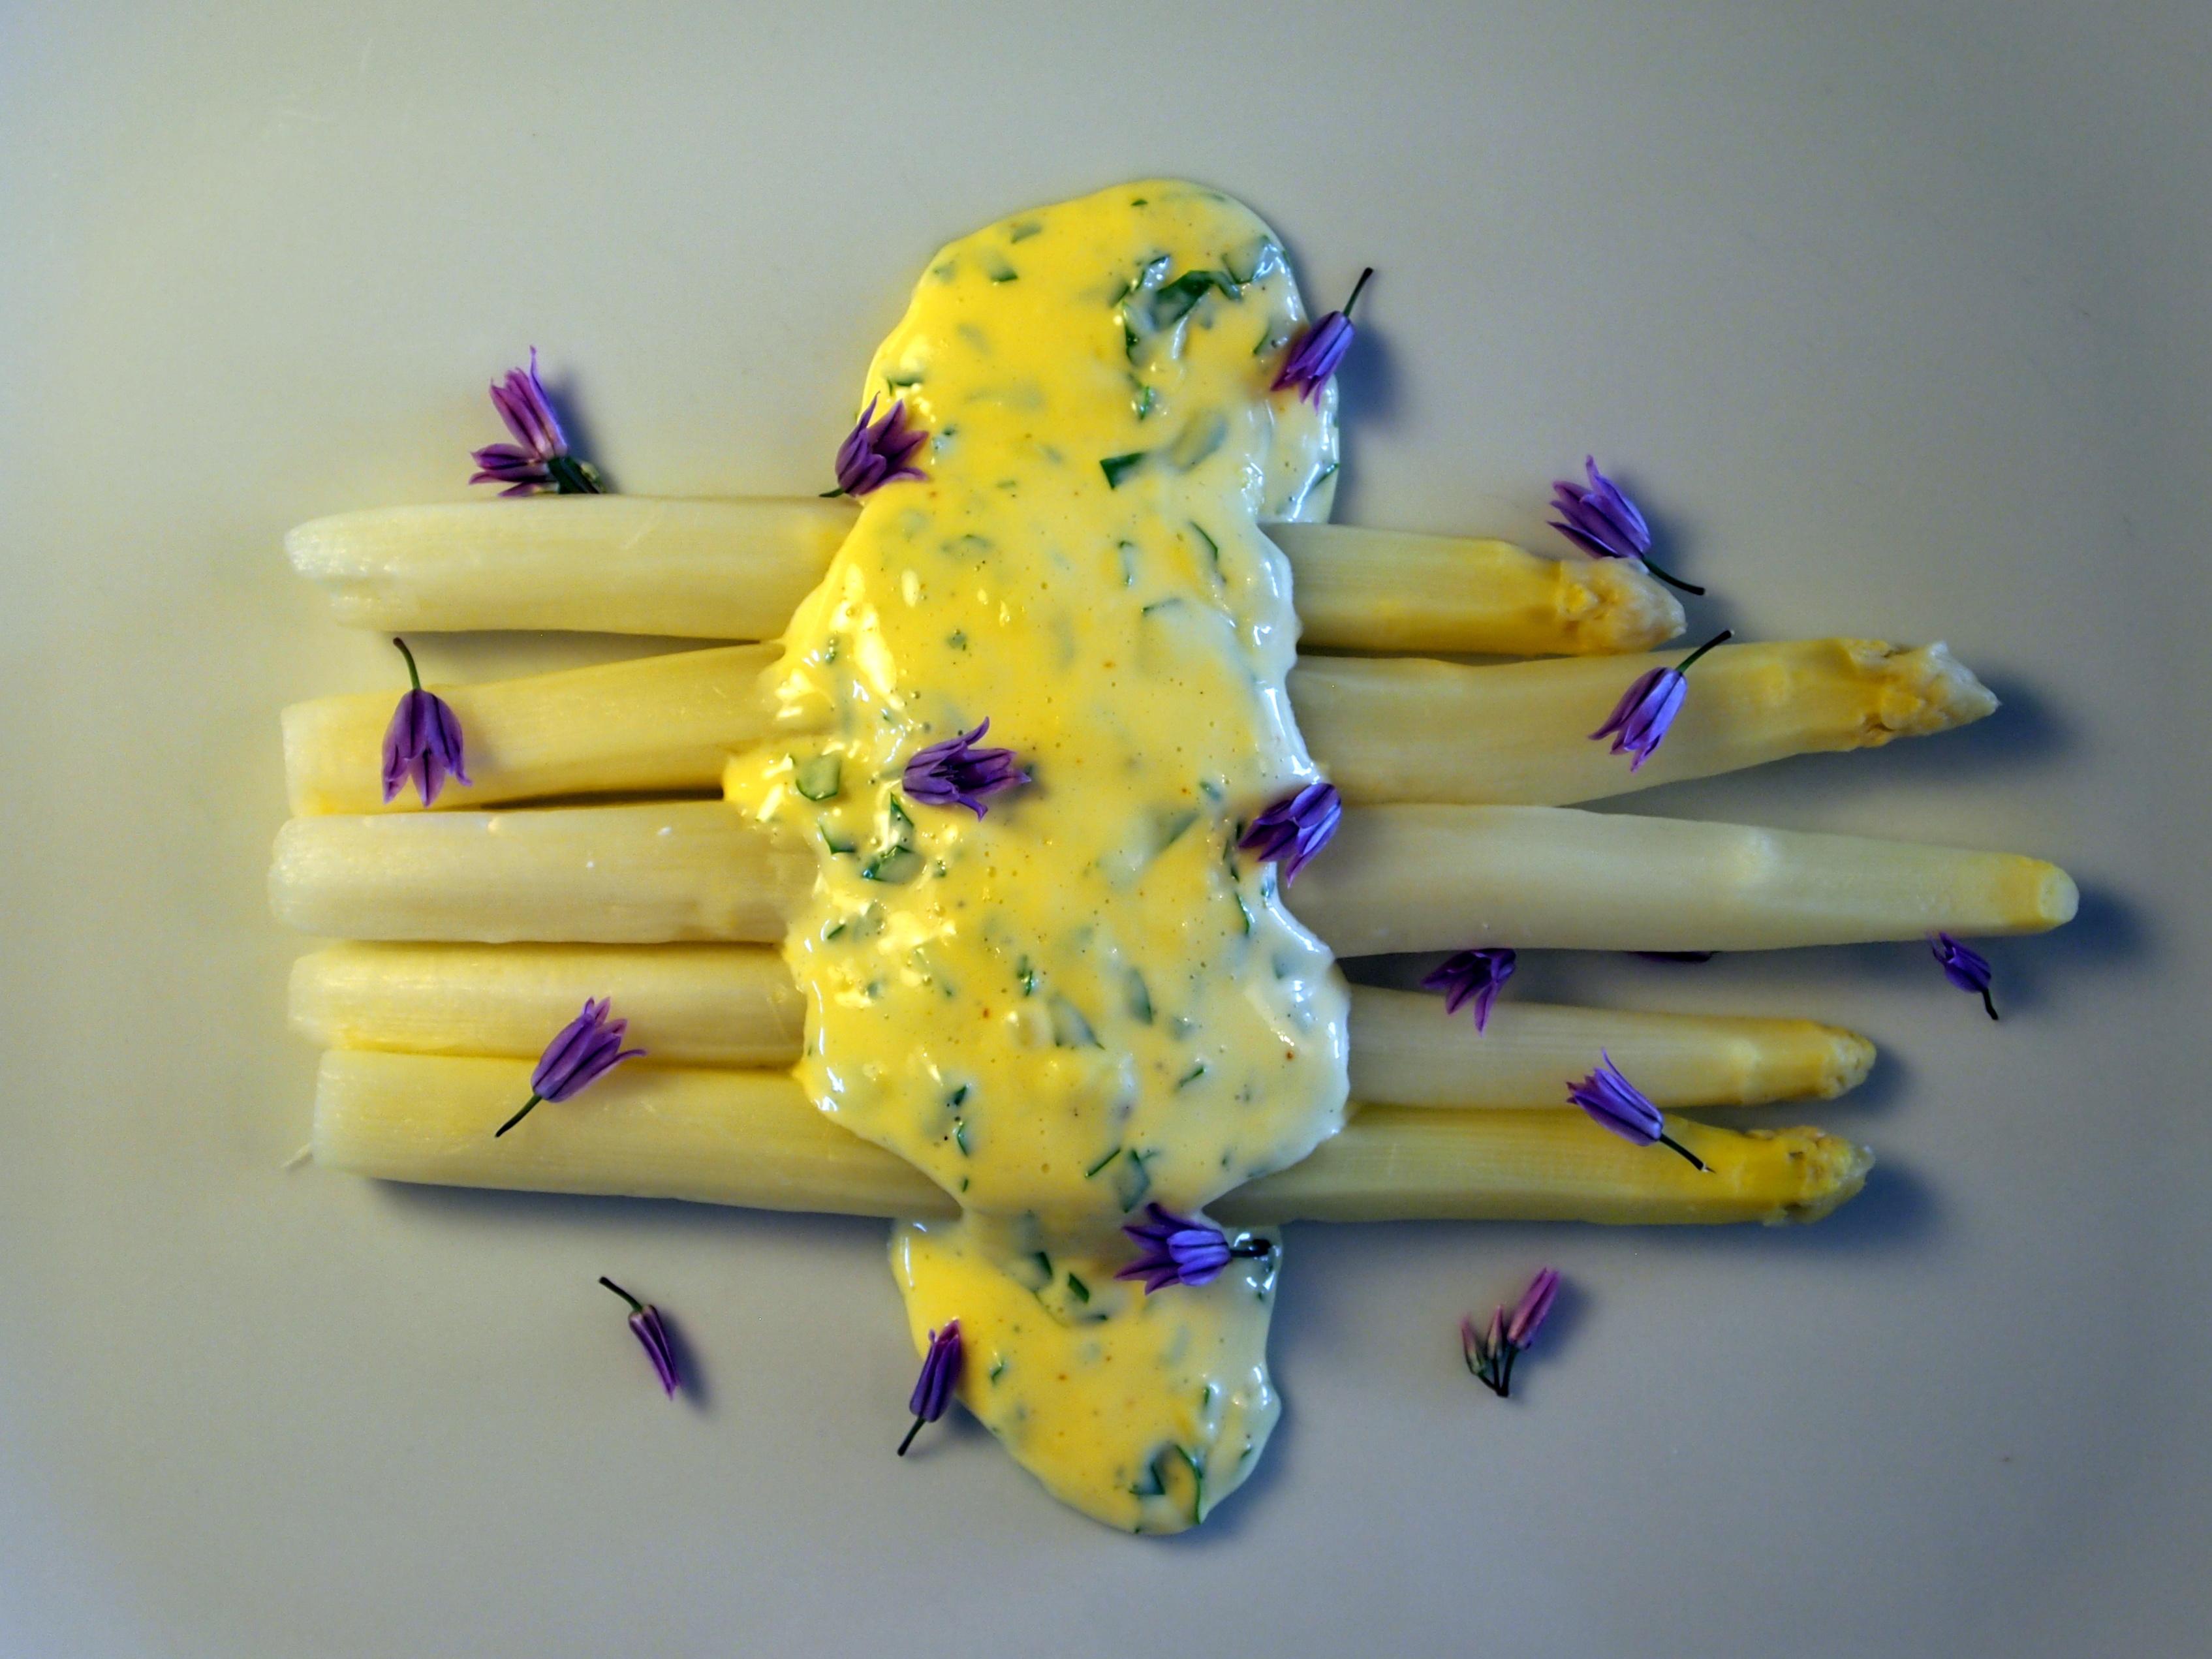 Hvide asparges | sous vide | madmedmartin.dk